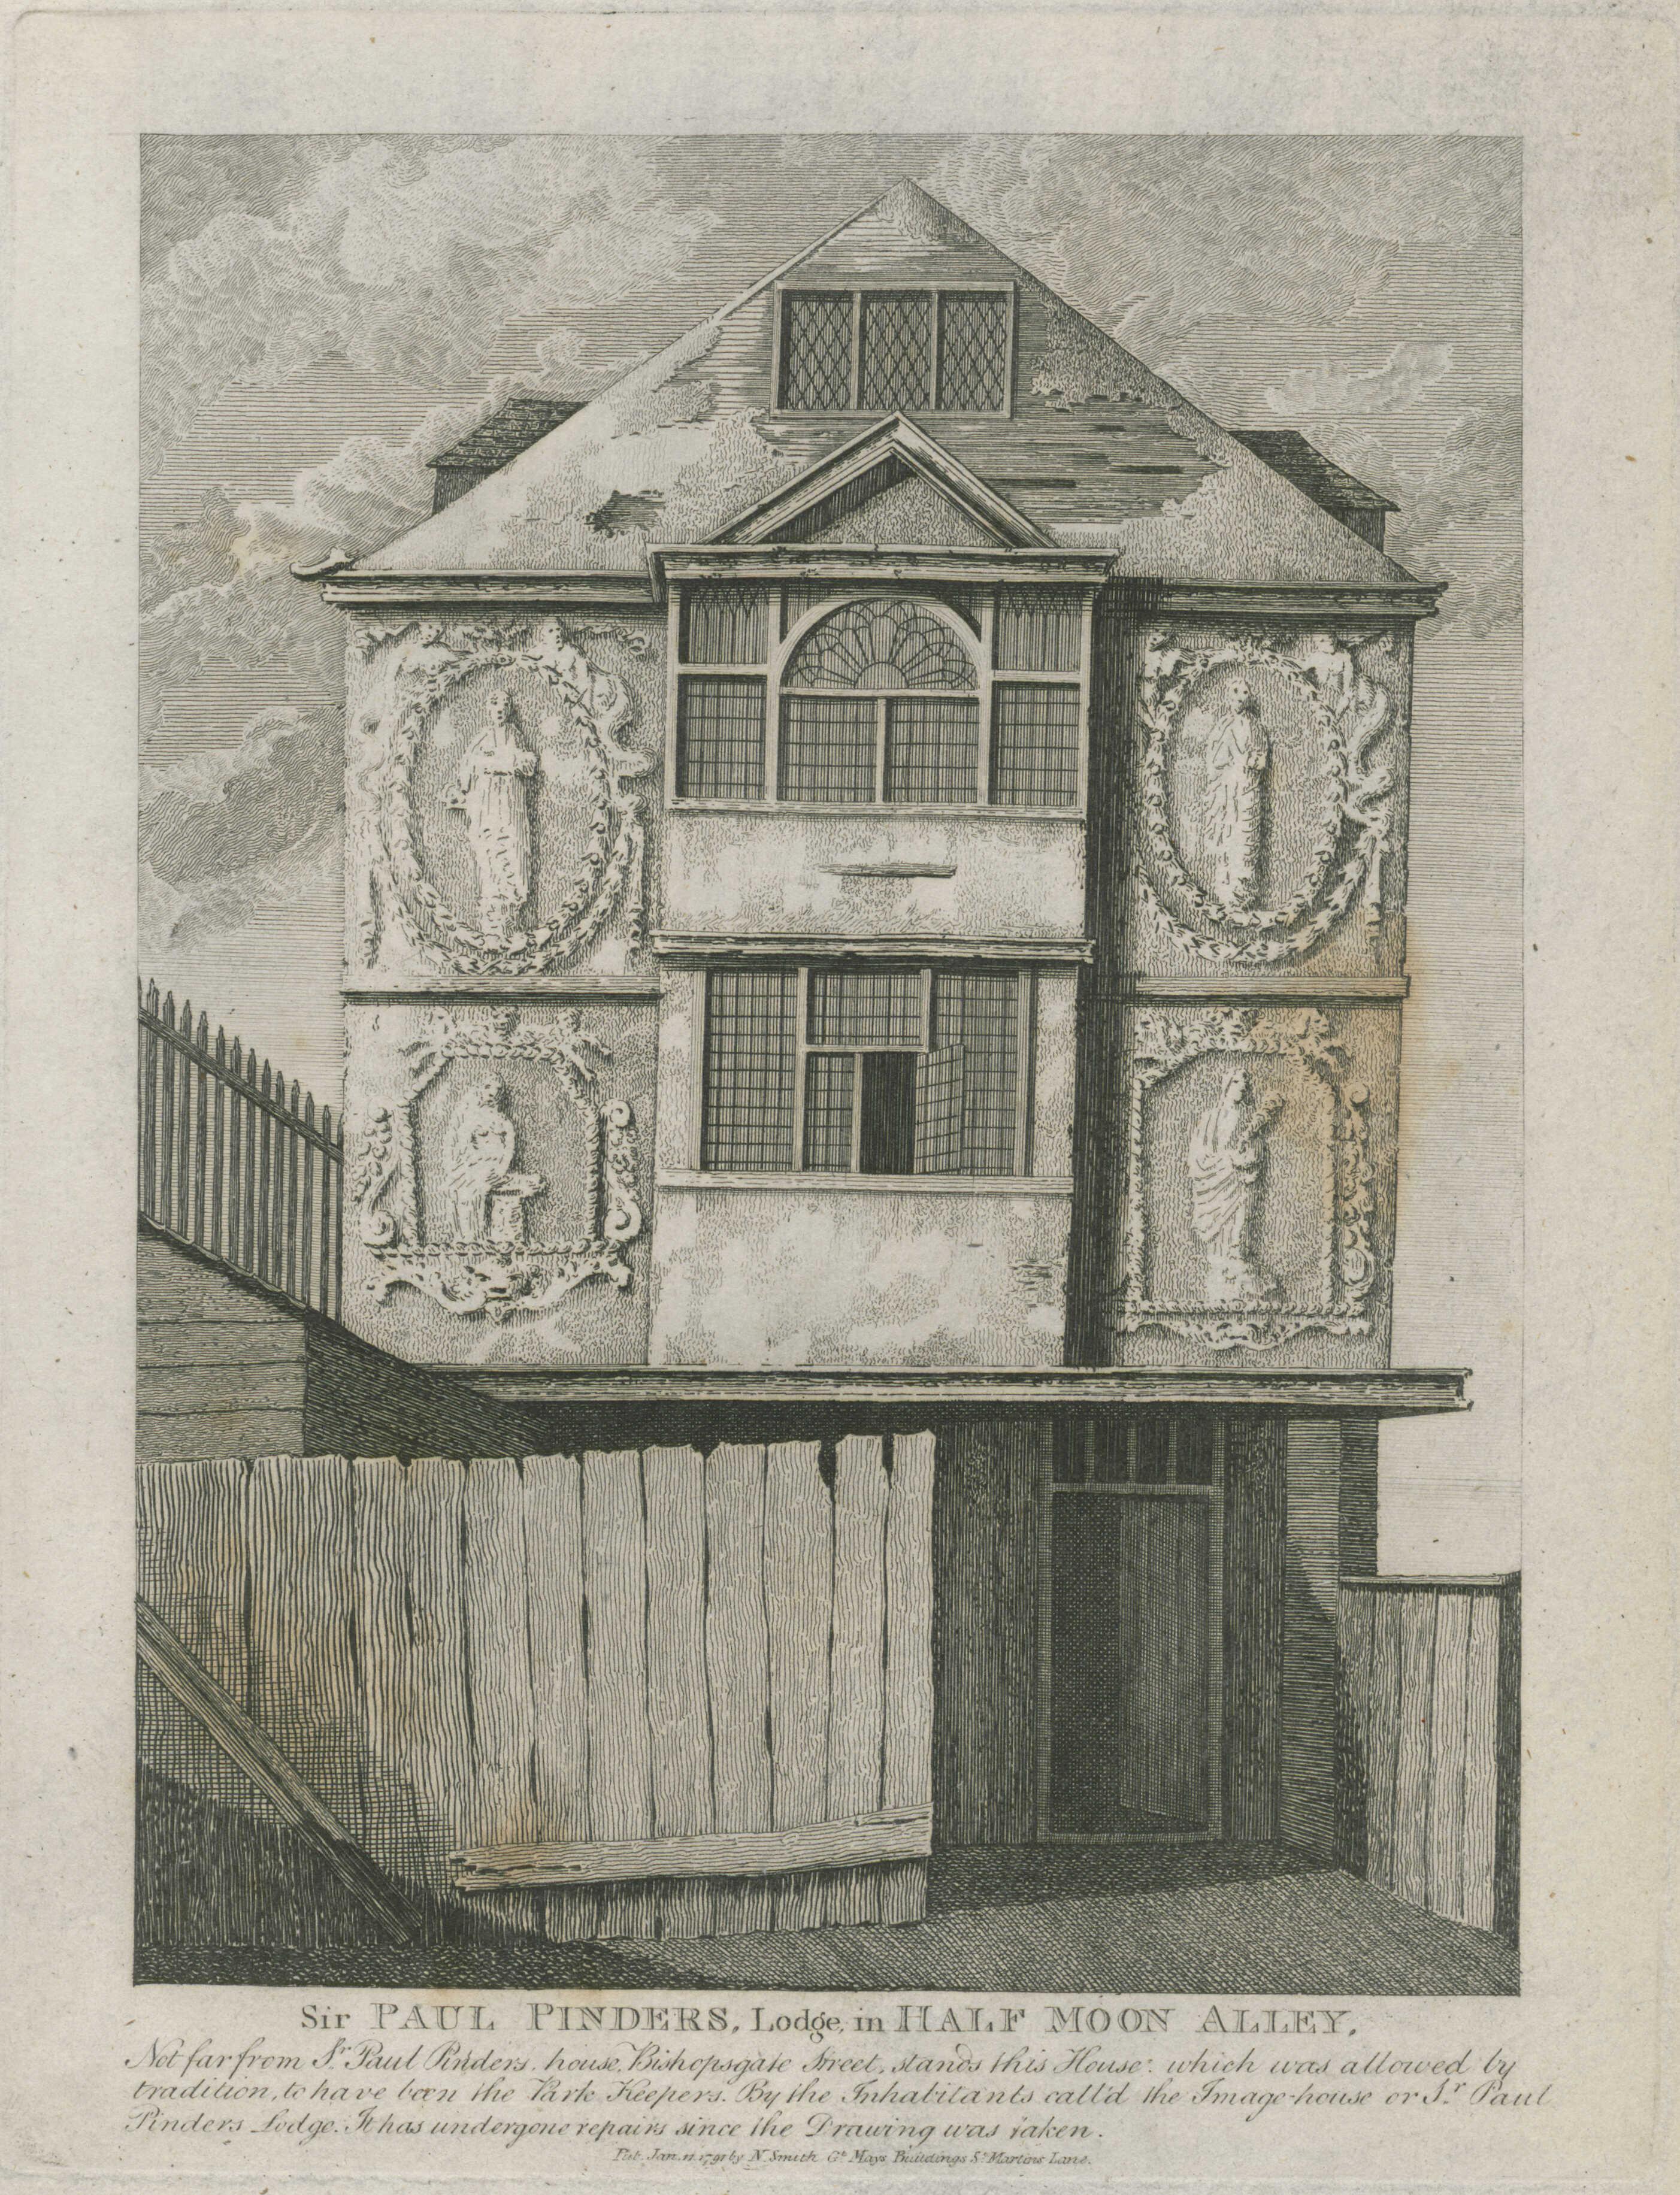 8-sir-paul-pinders-lodge-in-half-moon-alley